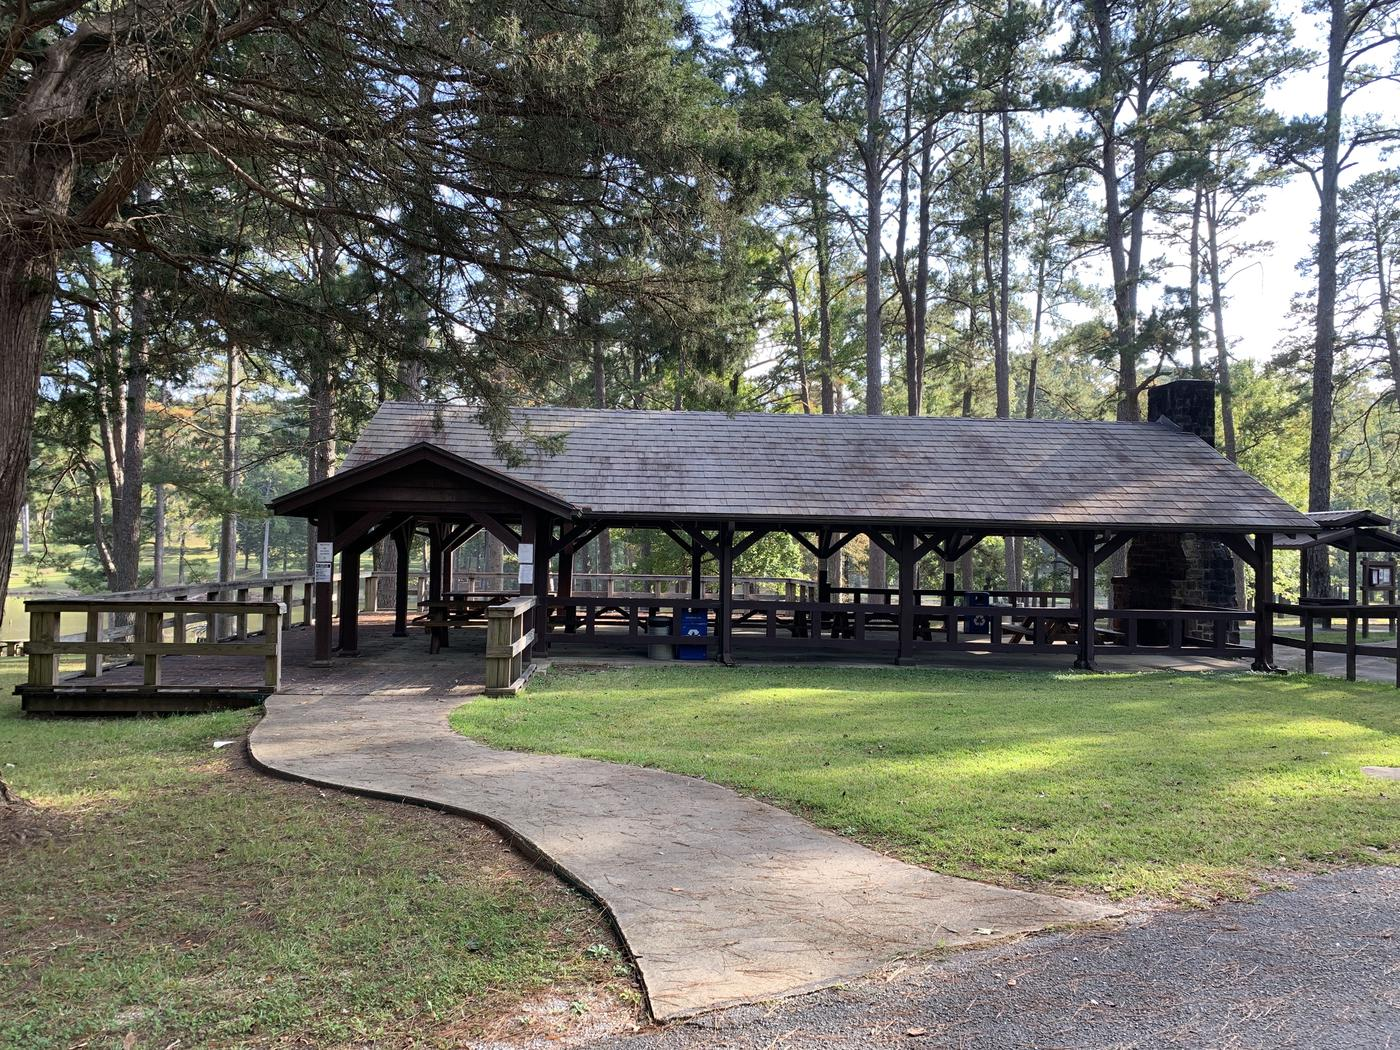 Large pavilionThe large pavilion at Choctaw Lake.